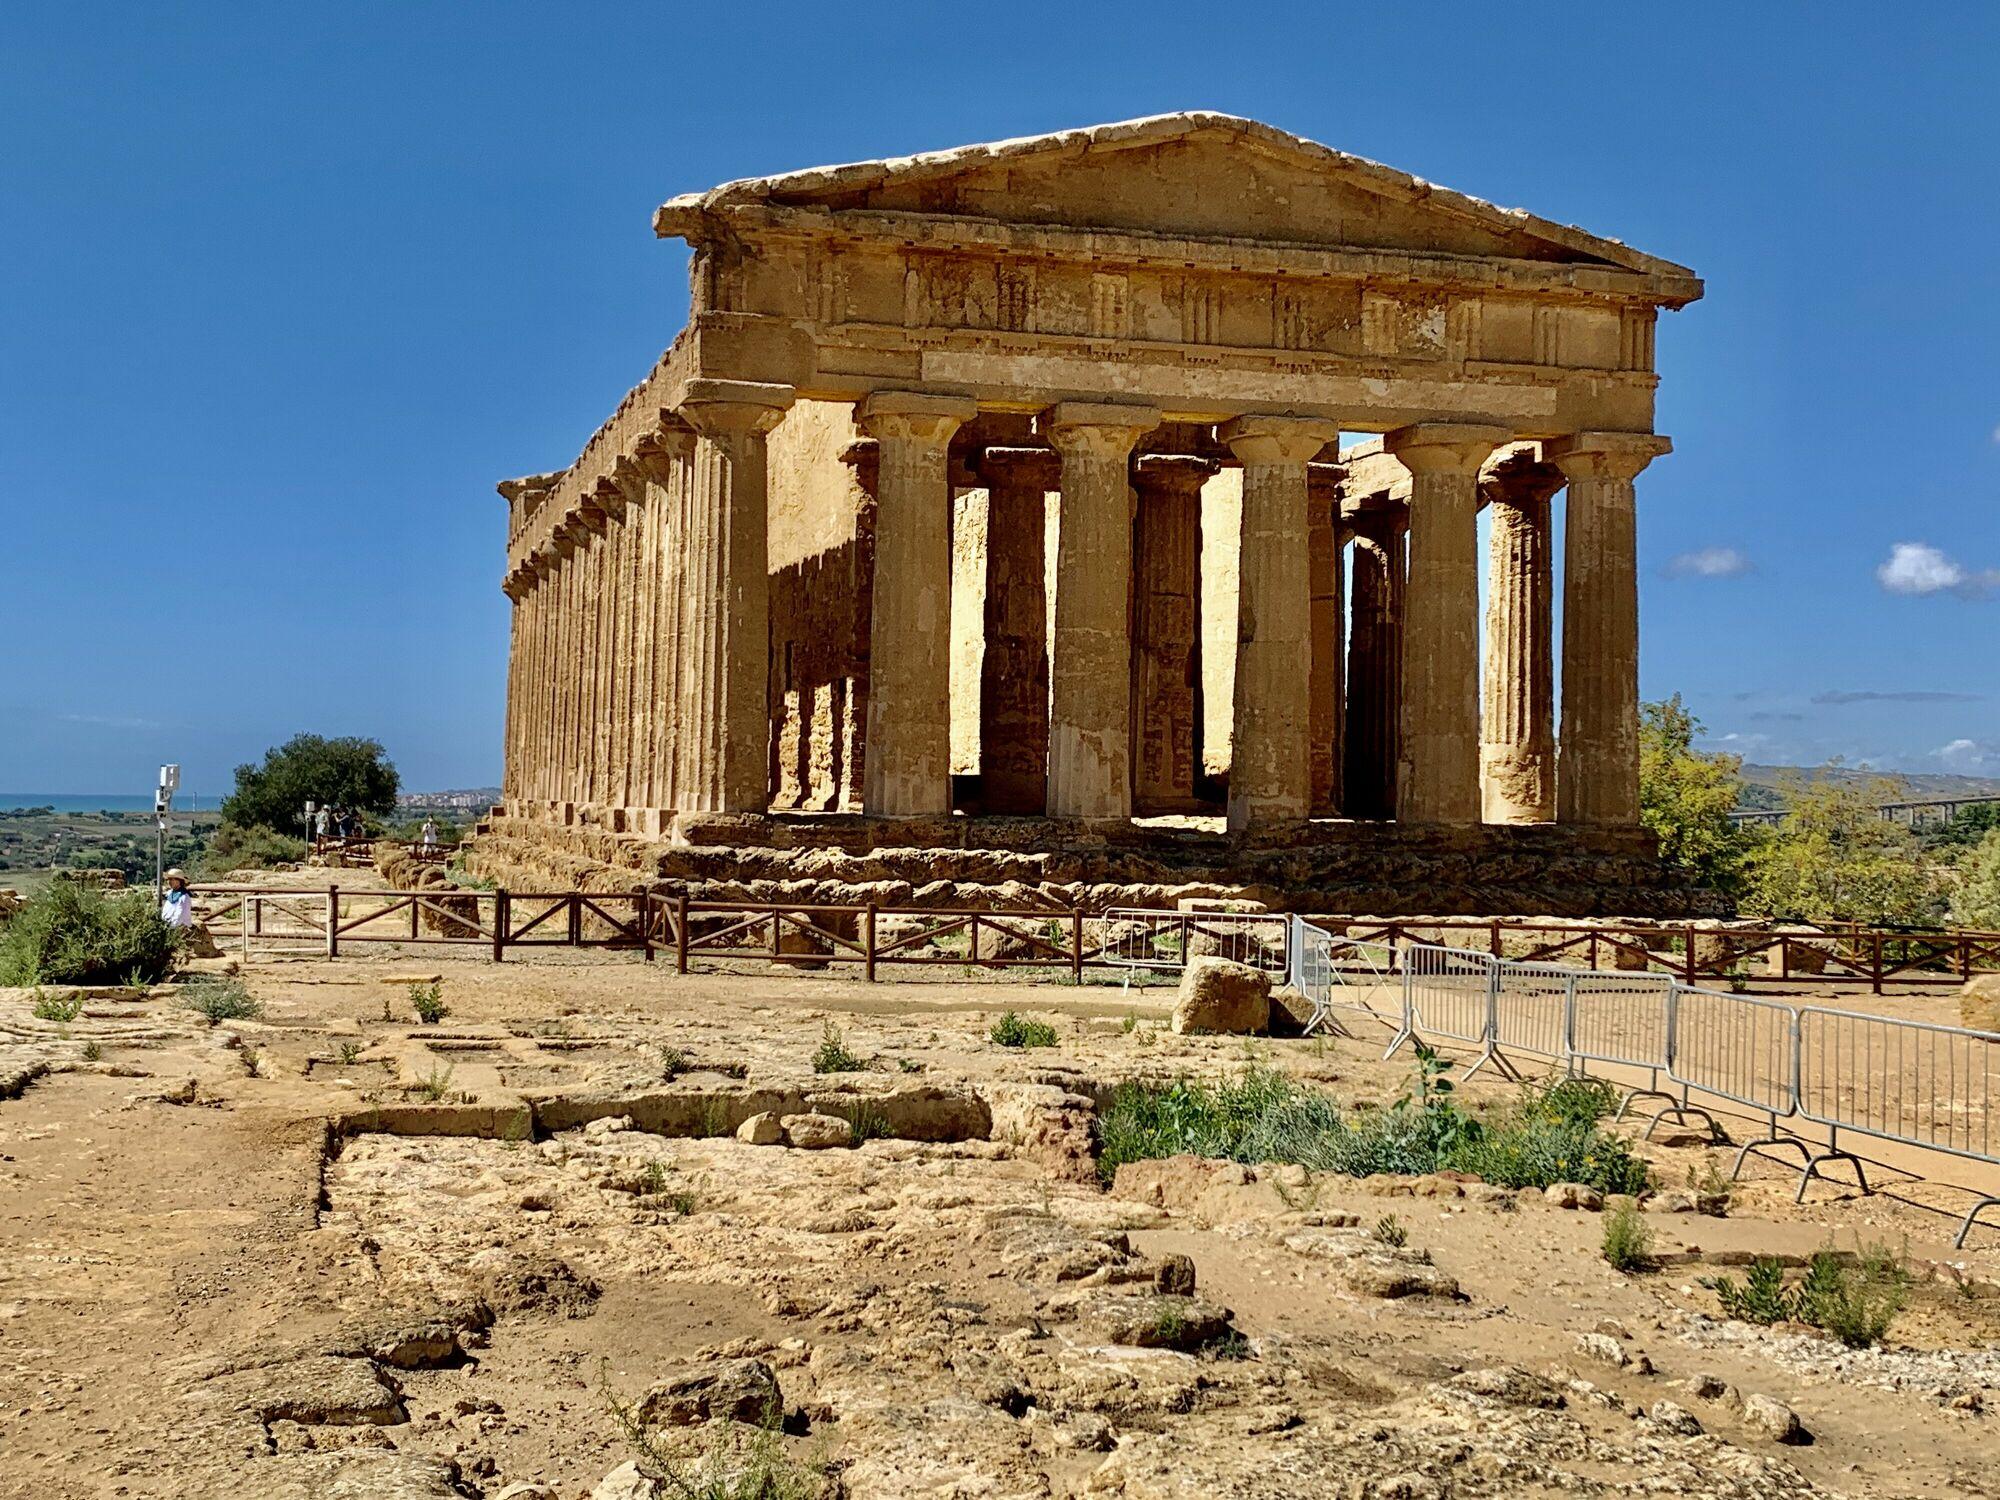 Bild mit Italien, Reisen, Reisen, Religion, Architekturfotografie, Sizilien